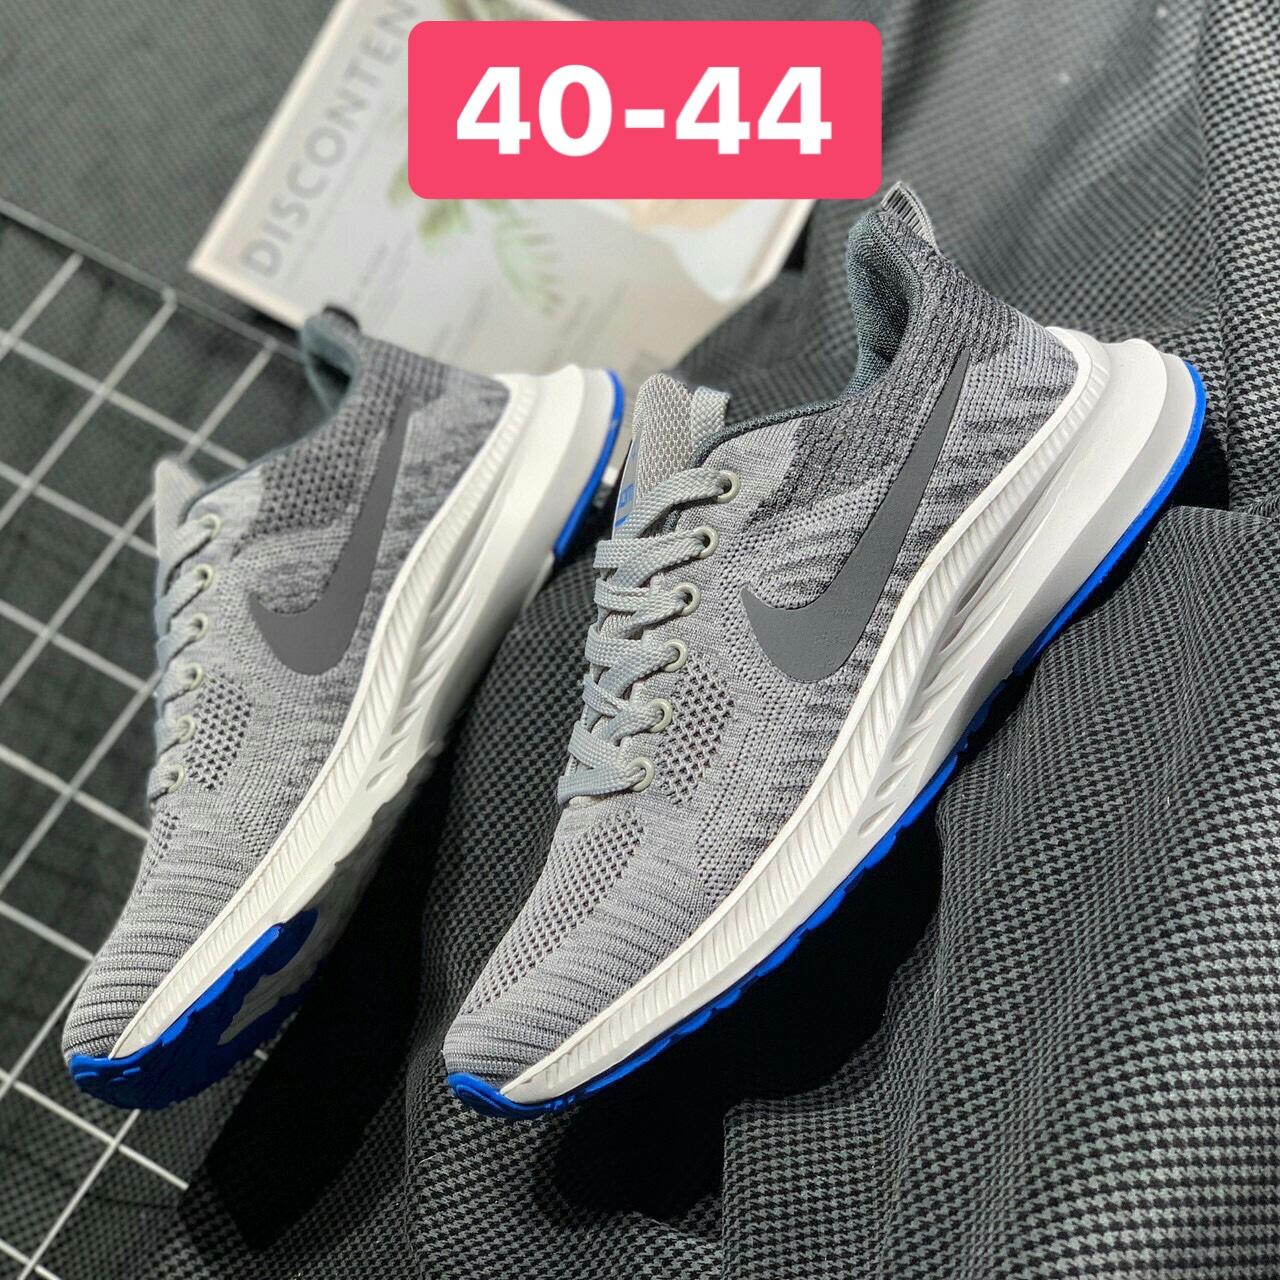 Giày Nike Zoom nam F17 màu xám